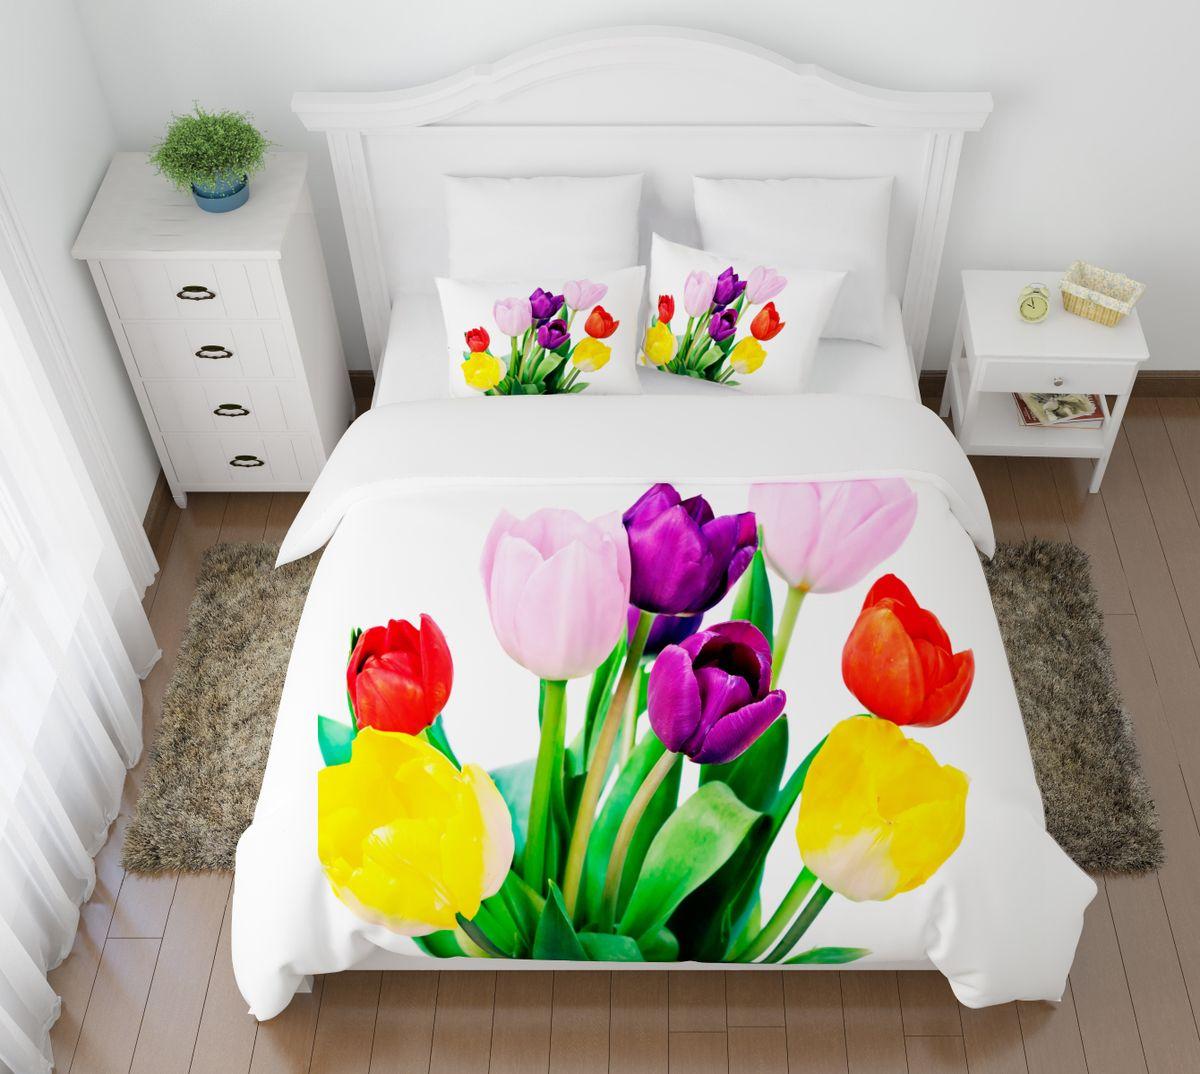 Комплект белья Сирень Весенние цветы, 2-спальный, наволочки 50х70DAVC150Комплект постельного белья Сирень 2-х спальный выполнен из прочной и мягкой ткани. Четкий и стильный рисунок в сочетании с насыщенными красками делают комплект постельного белья неповторимой изюминкой любого интерьера. Постельное белье идеально подойдет для подарка. Идеальное соотношение смешенной ткани и гипоаллергенных красок это гарантия здорового, спокойного сна. Ткань хорошо впитывает влагу, надолго сохраняет яркость красок. Цвет простыни, пододеяльника, наволочки в комплектации может немного отличаться от представленного на фото.В комплект входят: простыня - 200х220см; пододельяник 175х210 см; наволочка - 50х70х2шт. Постельное белье легко стирать при 30-40 градусах, гладить при 150 градусах, не отбеливать.Рекомендуется перед первым изпользованием постирать.